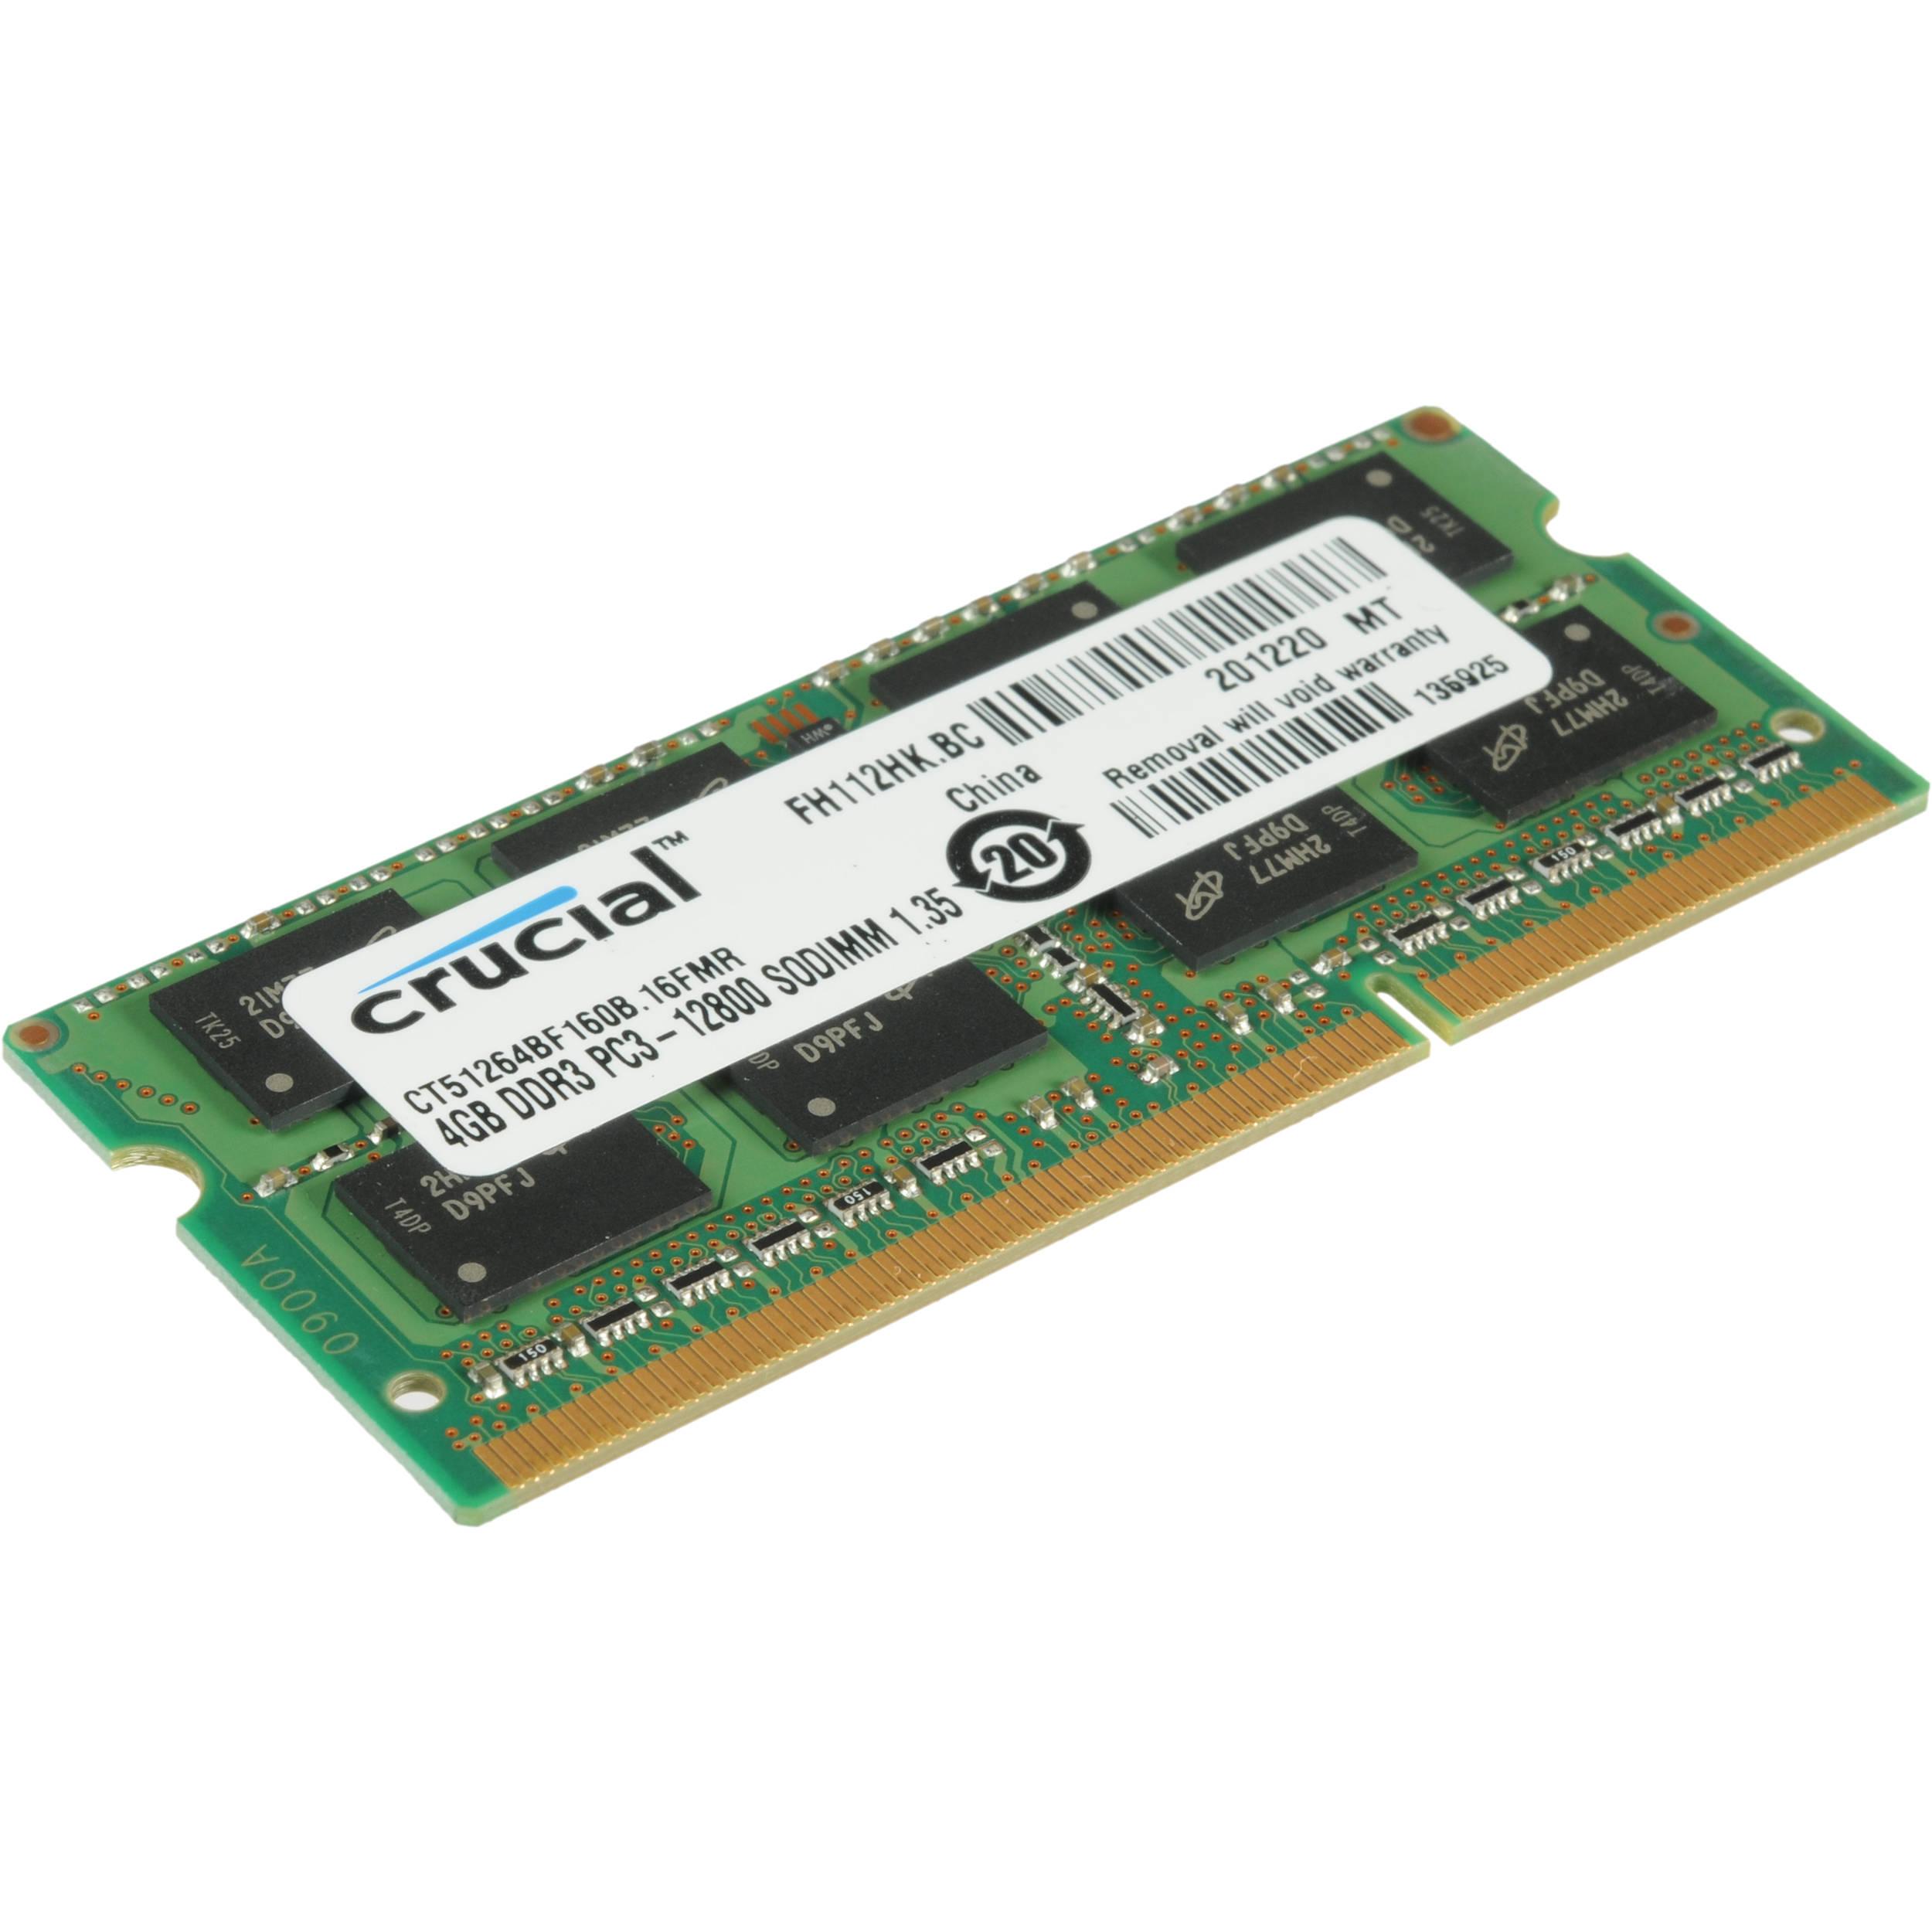 Crucial 8GB DDR3L 1600 MHz SODIMM Memory Module CT102464BF160B